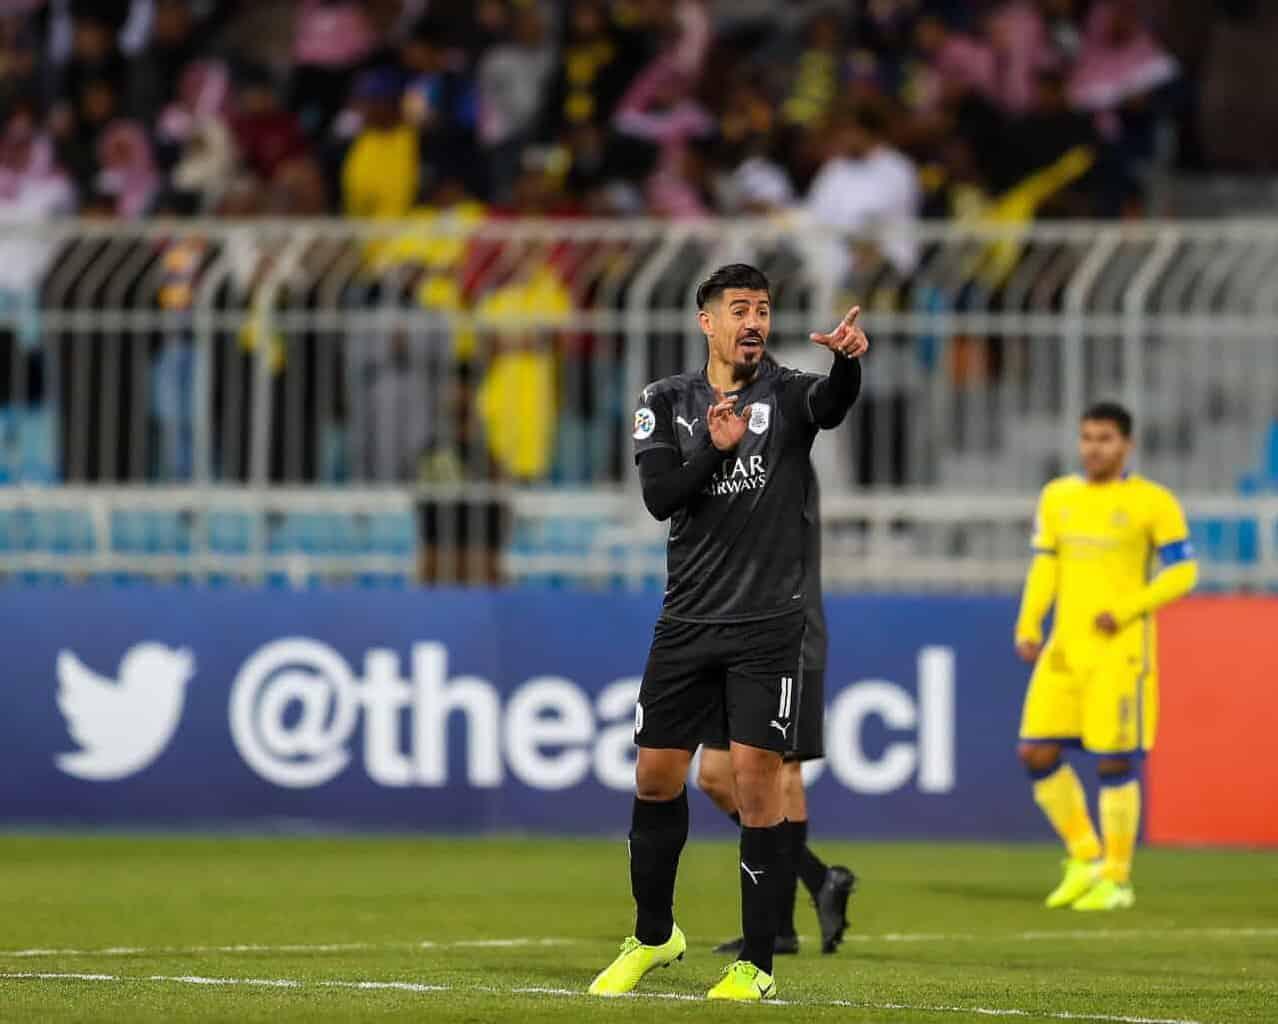 فرحة بغداد بونجاح في مباراة النصر والسد في دوري ابطال اسيا (صور: AFC Twitter)